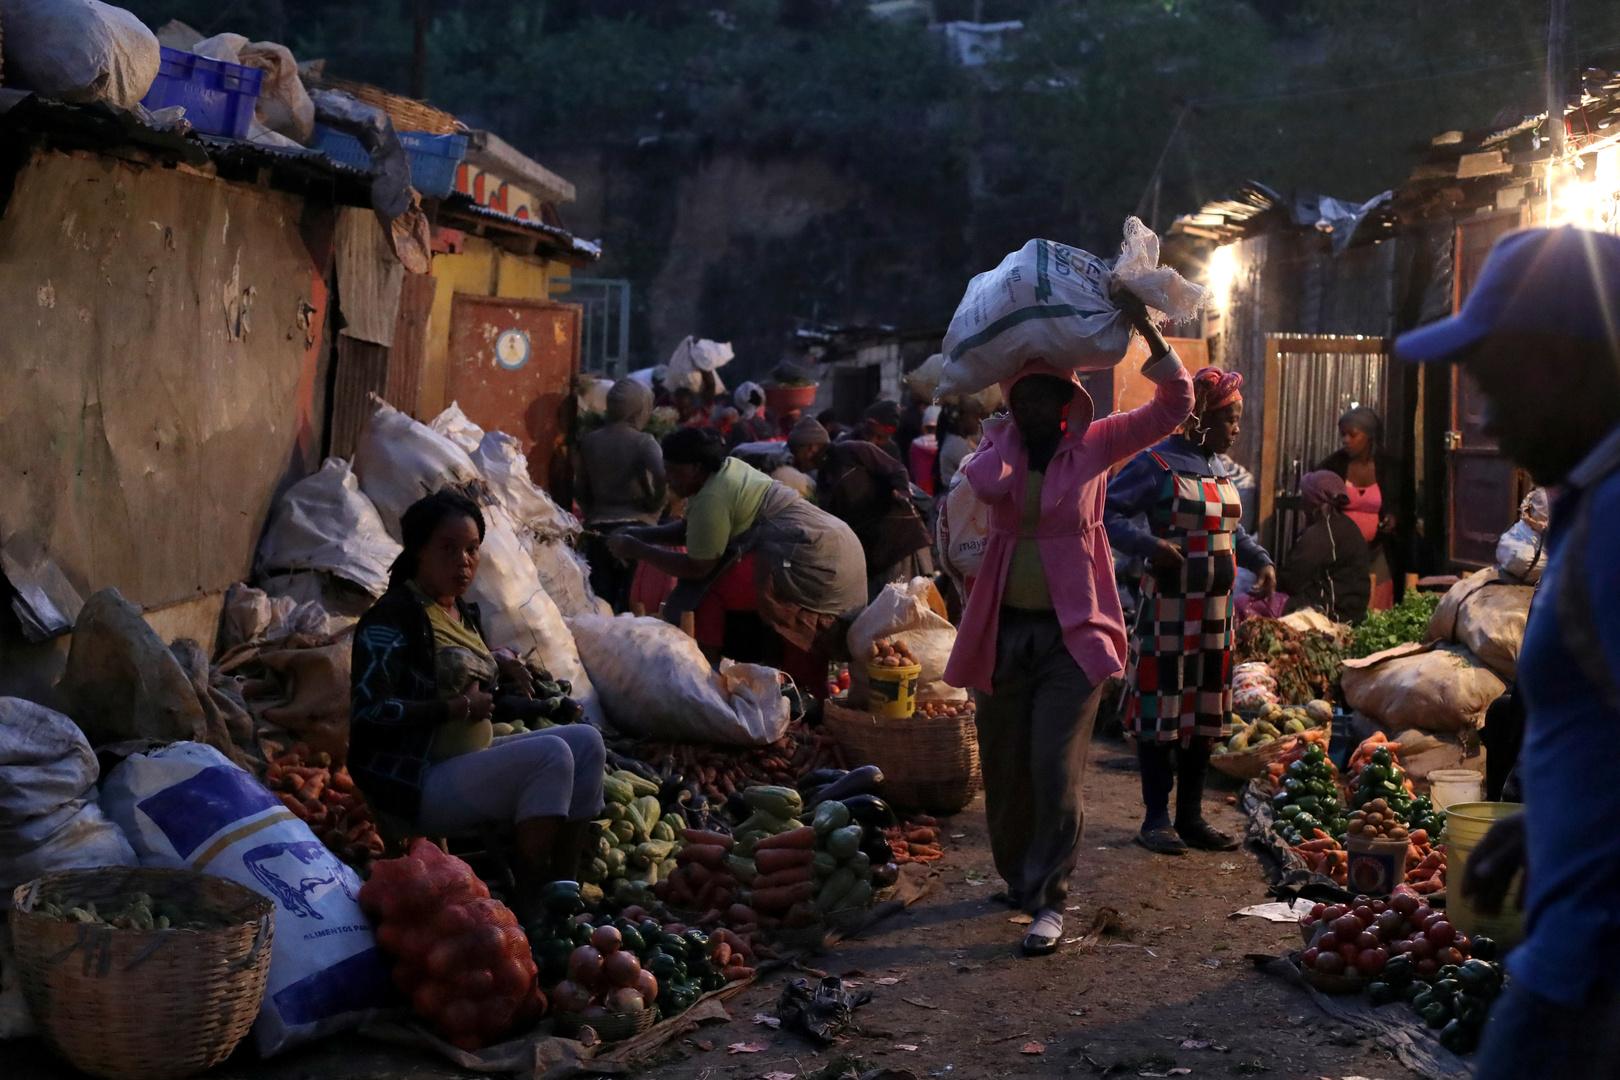 عنف العصابات يدفع سكان أحياء فقيرة في العاصمة الهايتية إلى الهرب